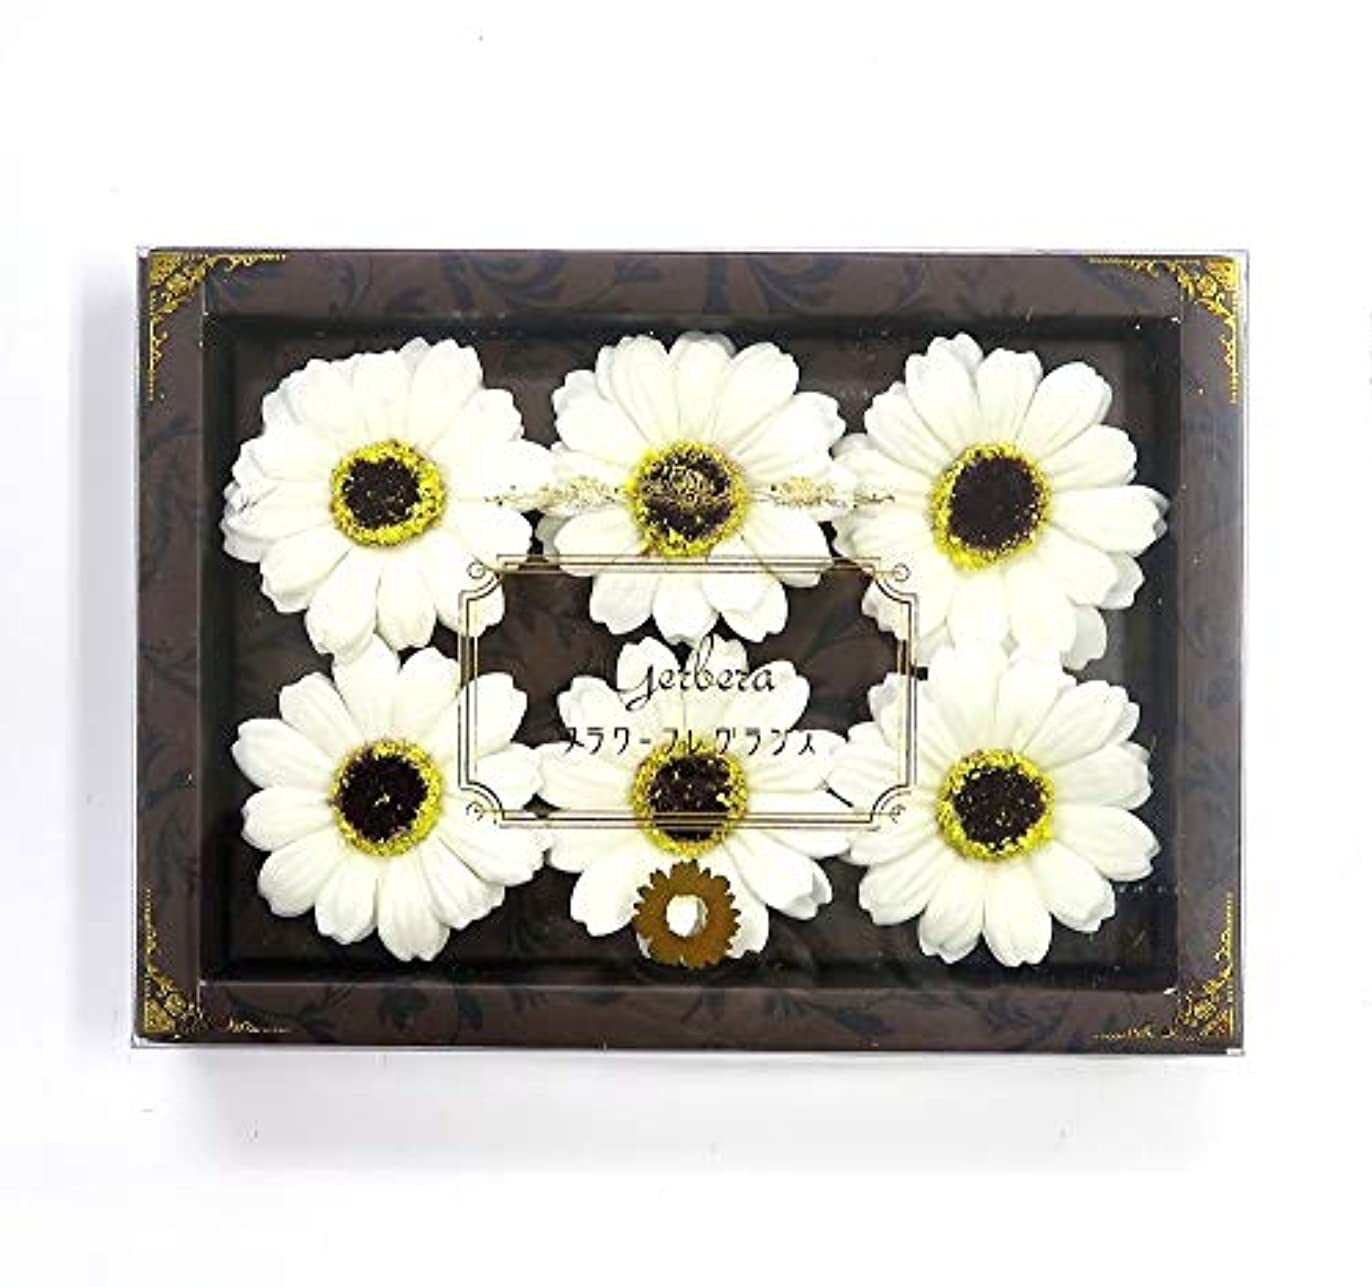 資格情報ファンシー関係花のカタチの入浴剤 ガーベラ バスフレグランス フラワーフレグランス バスフラワー (ホワイト)